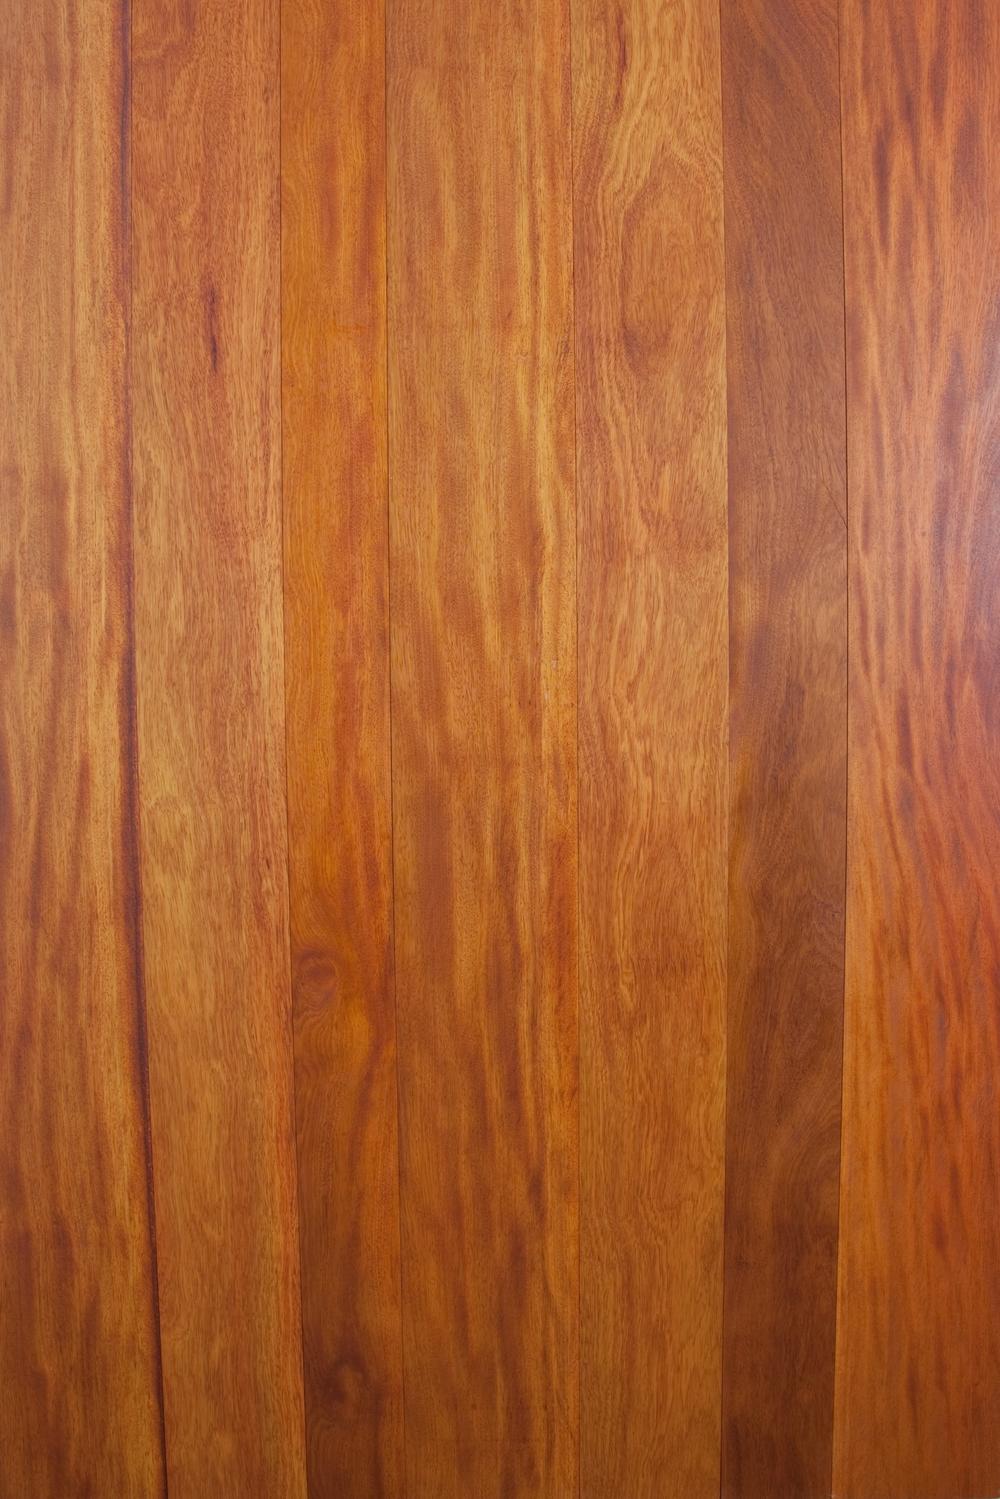 Bilingia Panel-7438.jpg